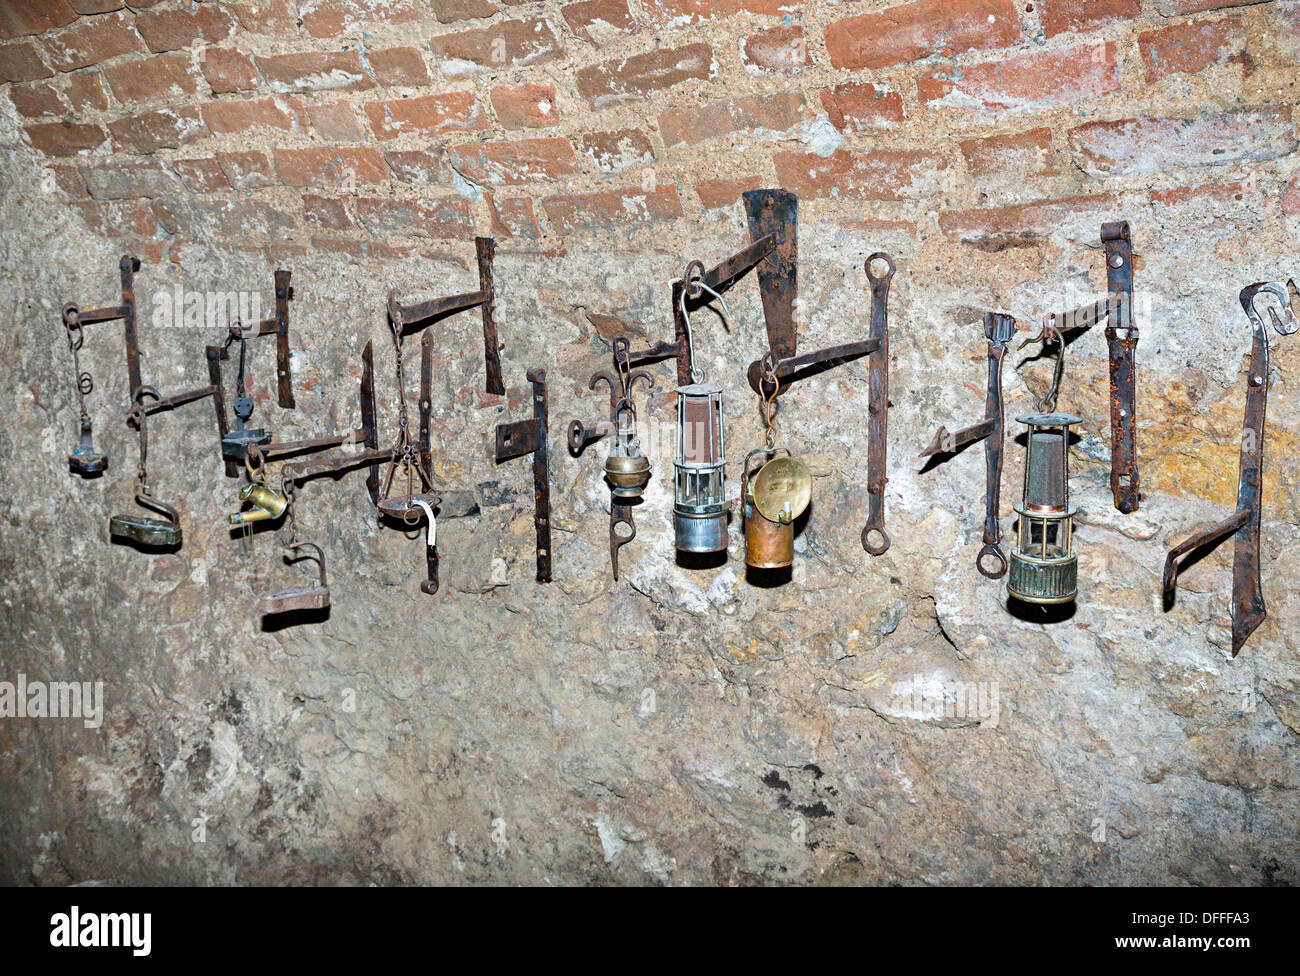 Une exposition de vieilles lampes dans le labyrinthe souterrain, Brno, République Tchèque Photo Stock